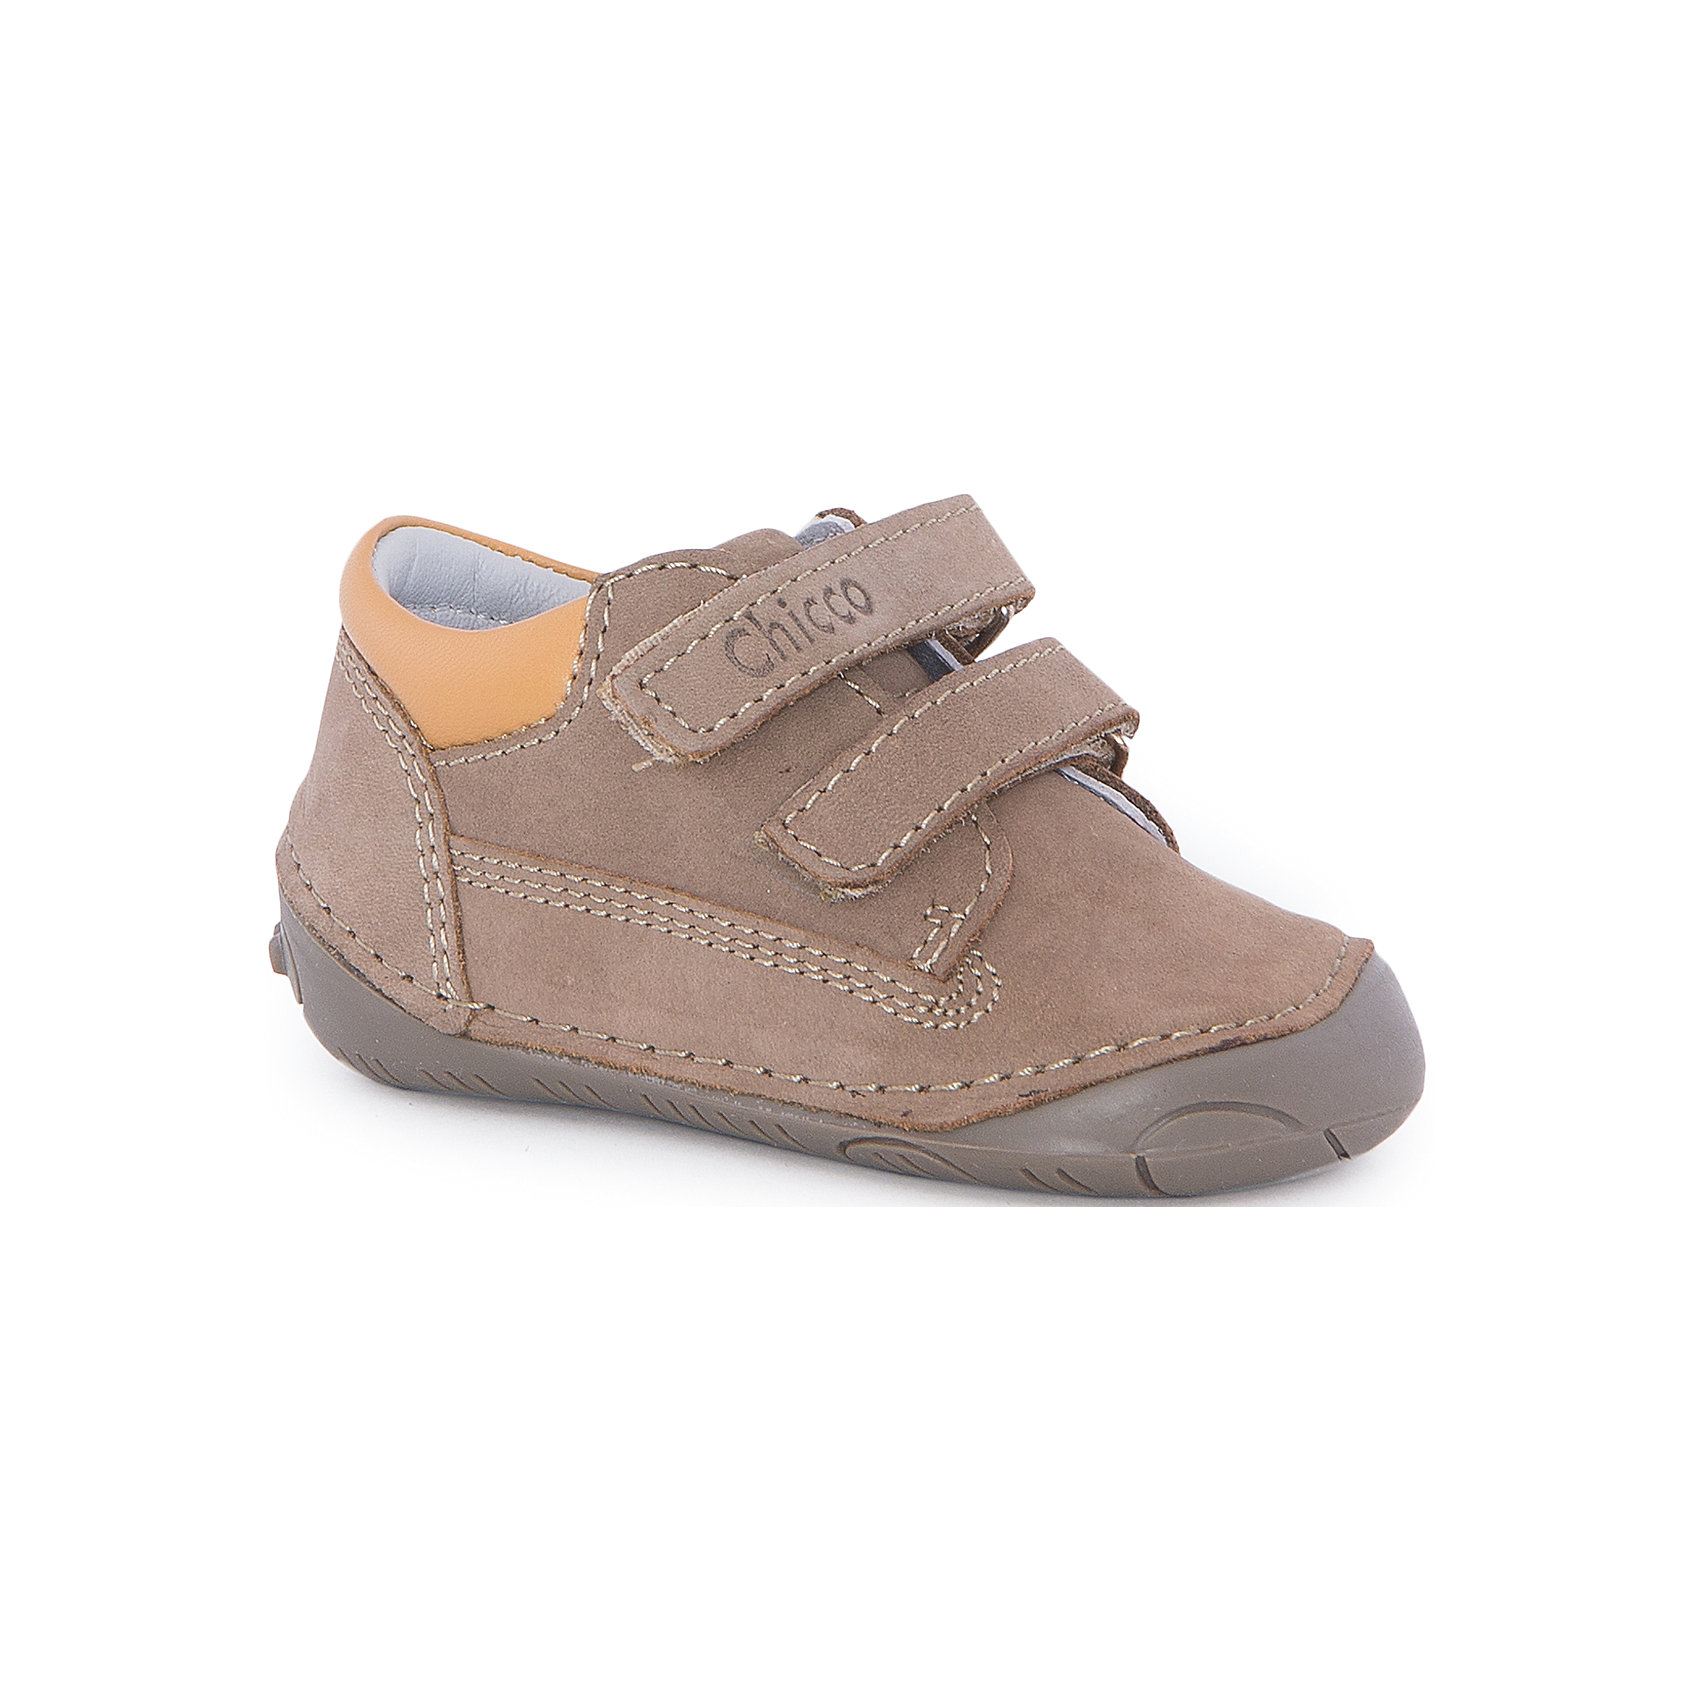 Полуботинки  для мальчика  CHICCOБотинки<br>Полуботинки для мальчика CHICCO<br><br>Характеристики:<br><br>Тип застежки: липучки, 2 шт.<br>Тип обуви: спортивные<br>Особенности обуви: усиленный носок<br>Декоративные элементы: контрастный задник<br>Цвет: коричневый<br><br>Материал: 100% кожа<br><br>Полуботинки для мальчика CHICCO можно купить в нашем интернет-магазине.<br><br>Ширина мм: 262<br>Глубина мм: 176<br>Высота мм: 97<br>Вес г: 427<br>Цвет: коричневый<br>Возраст от месяцев: 12<br>Возраст до месяцев: 15<br>Пол: Мужской<br>Возраст: Детский<br>Размер: 21,19,20<br>SKU: 5082851